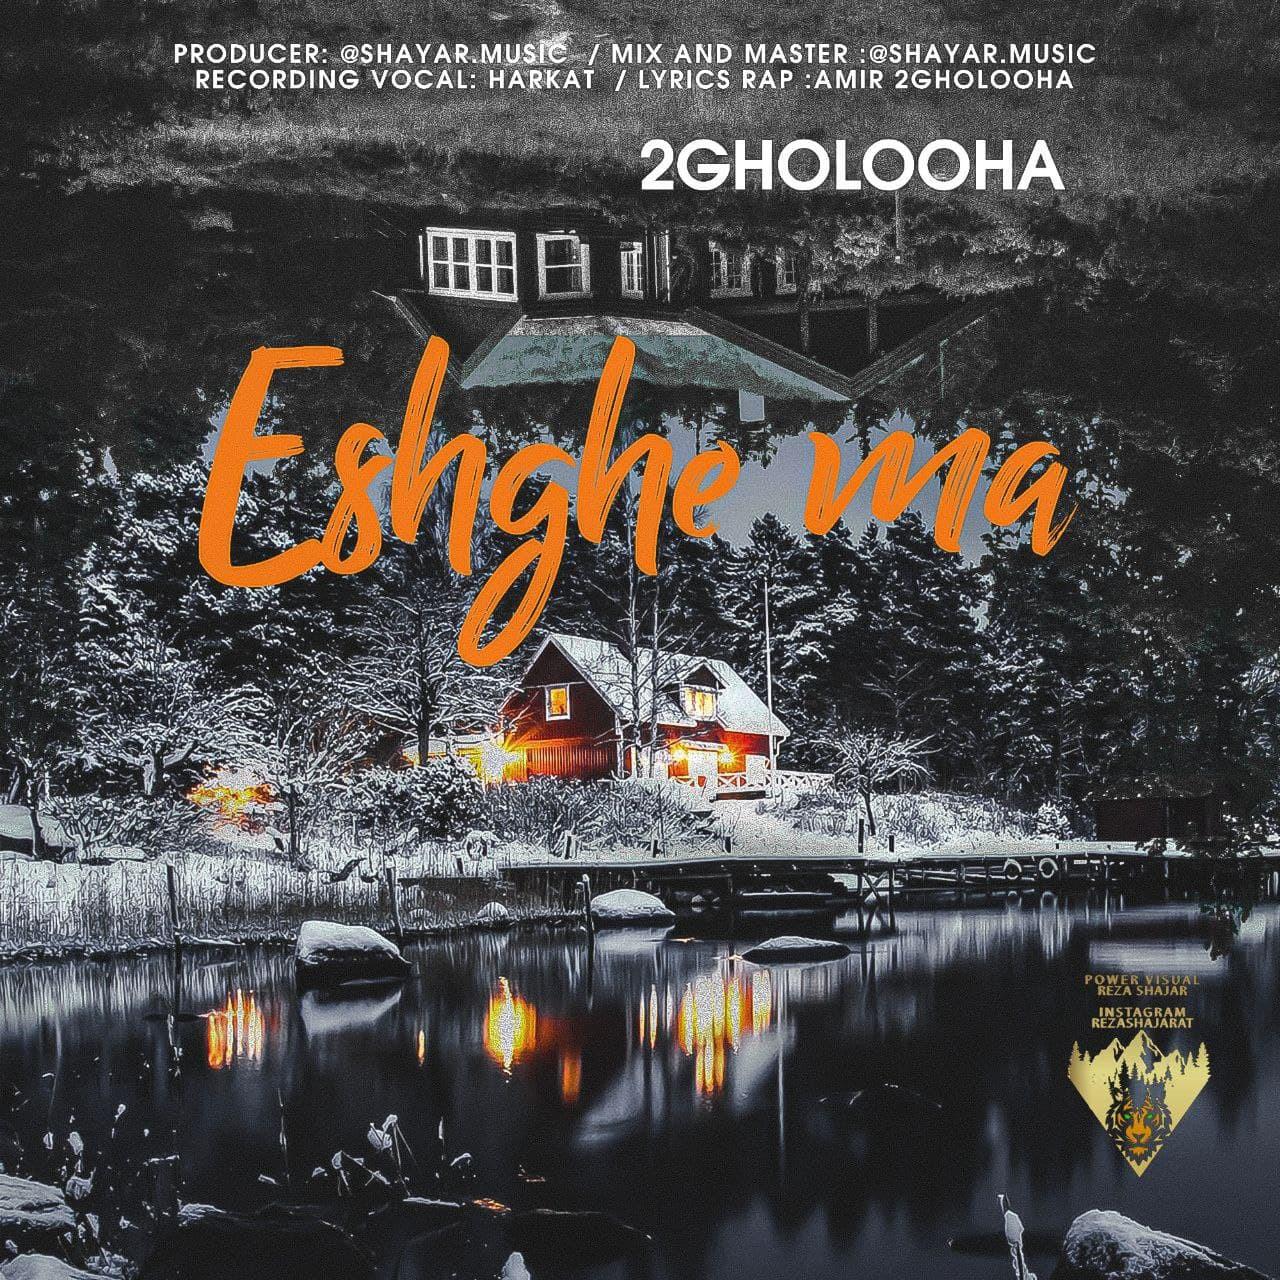 2Gholooha x Ermia - Eshghe Ma